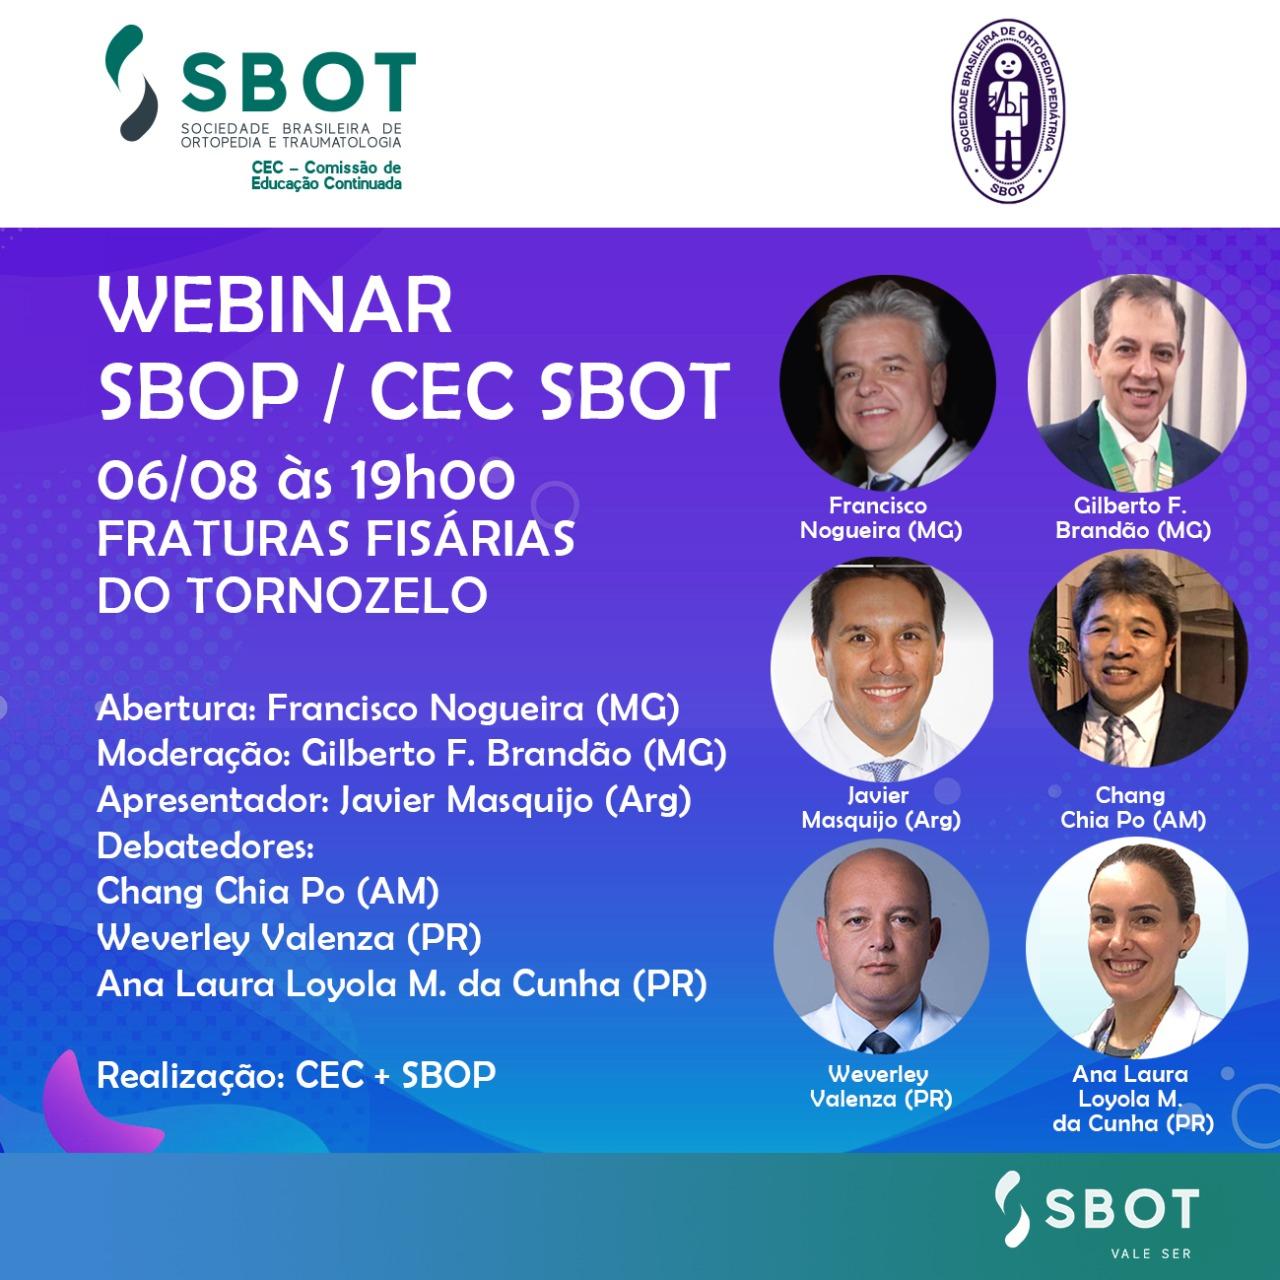 Webinar SBOP / CEC SBOT